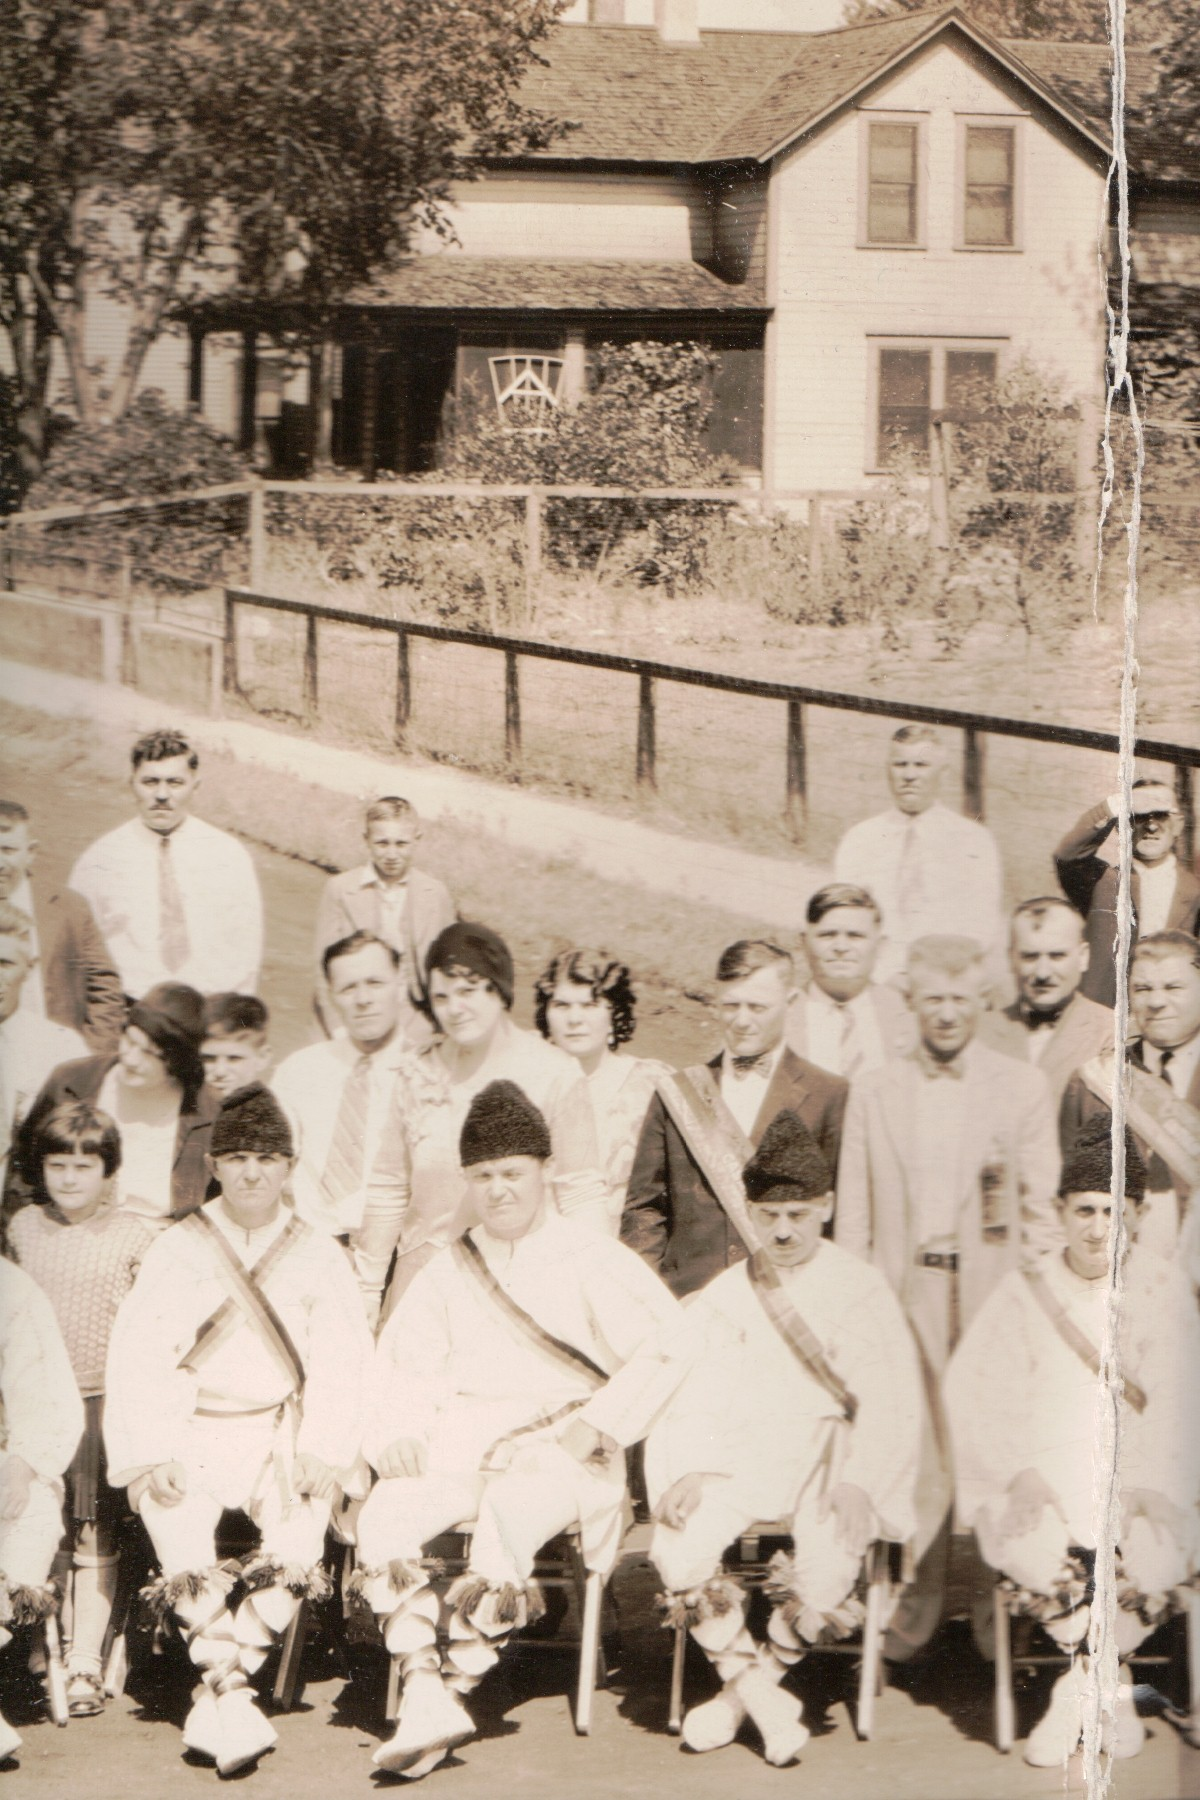 St Marys 1930s